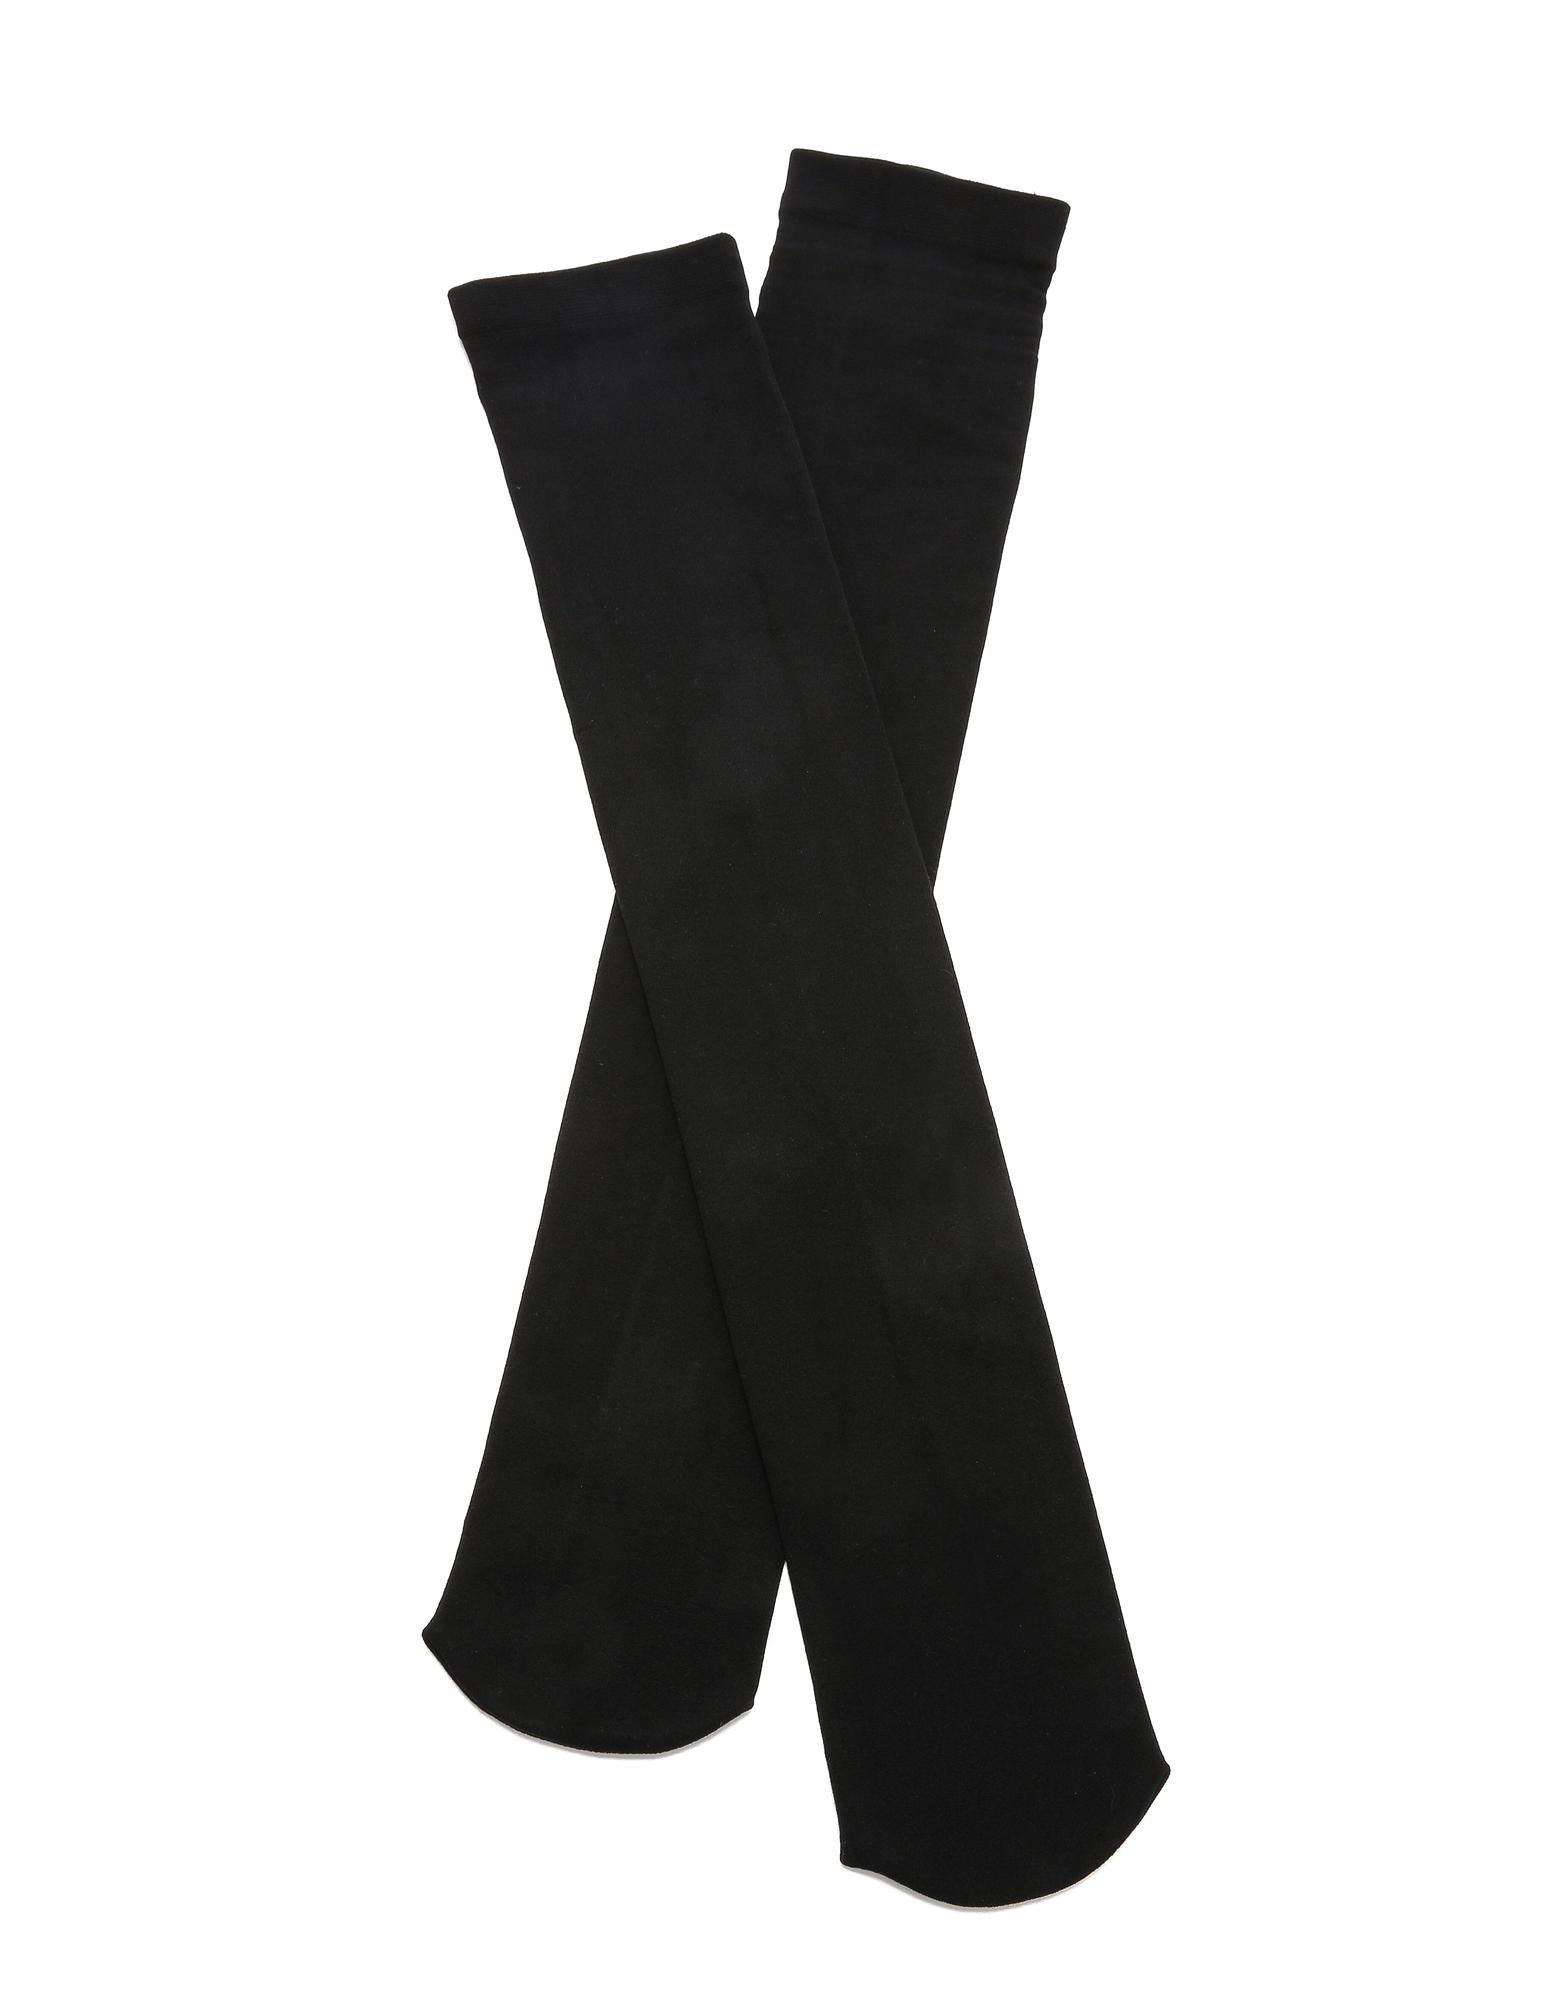 Чулки Plush с ворсовой подкладкой длиной до бедра